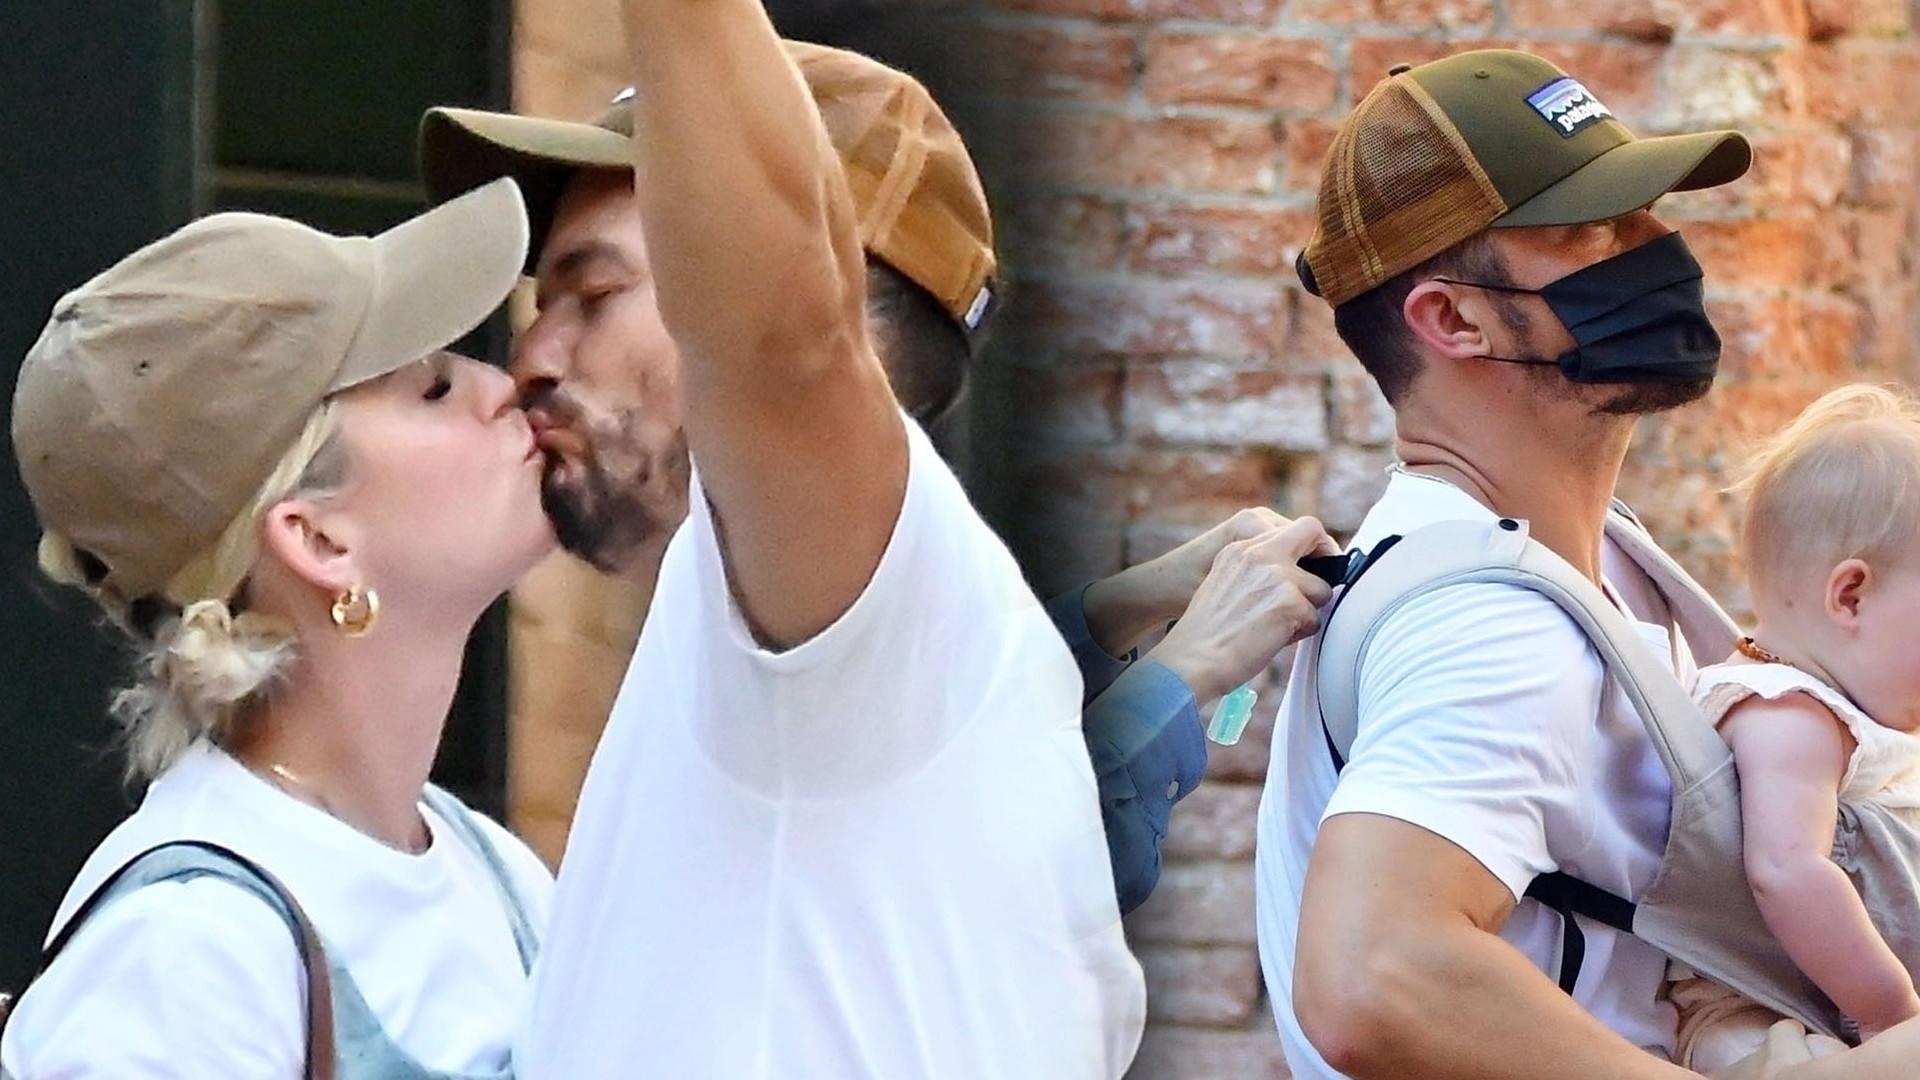 Katy Perry i Orlando Bloom z córeczką w Wenecji. Ale są zakochani! (ZDJĘCIA)